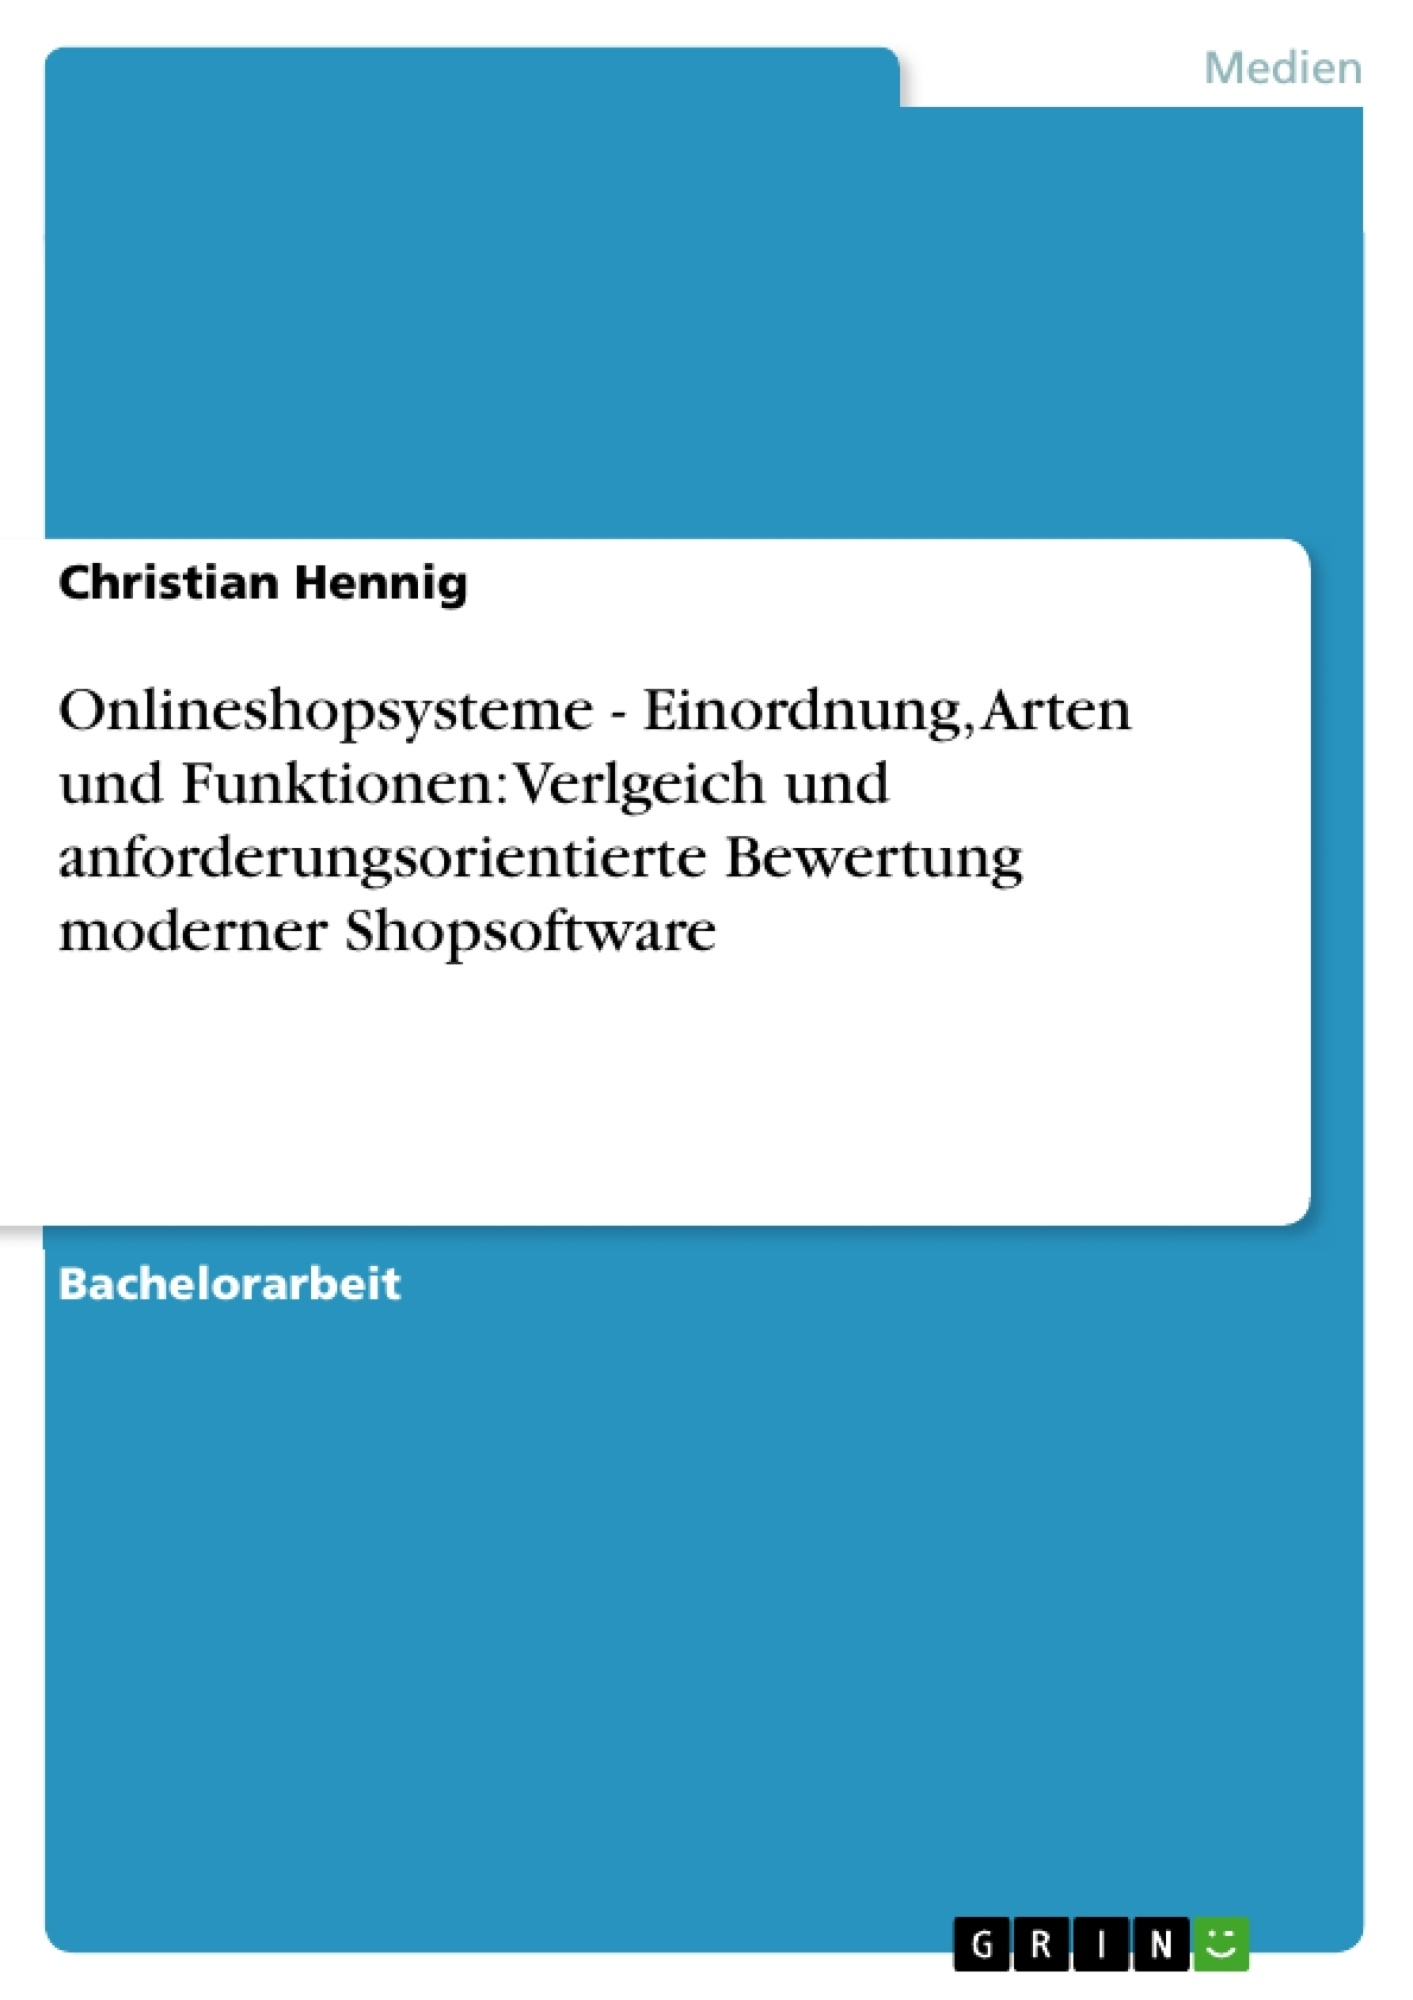 Titel: Onlineshopsysteme - Einordnung, Arten und Funktionen: Verlgeich und anforderungsorientierte Bewertung moderner Shopsoftware